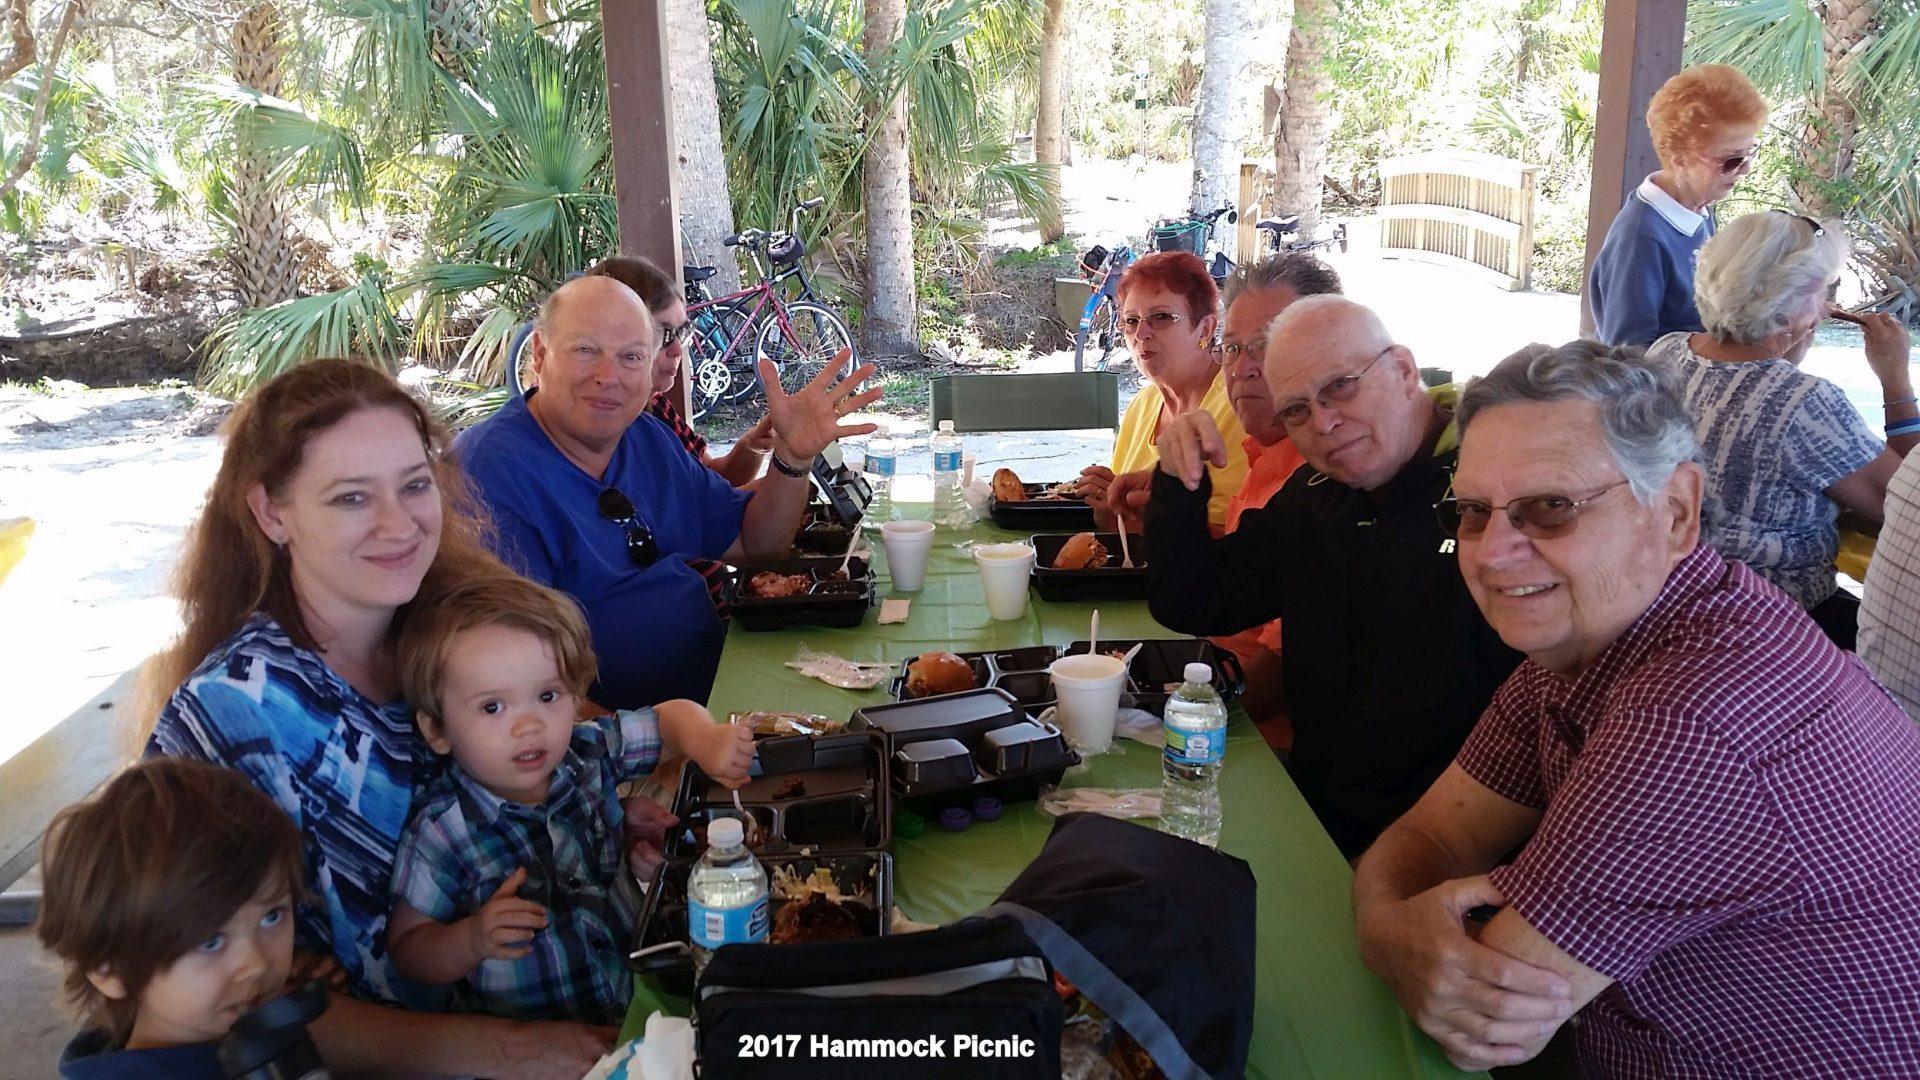 Don and family at 2017 Hammock Community Picnic